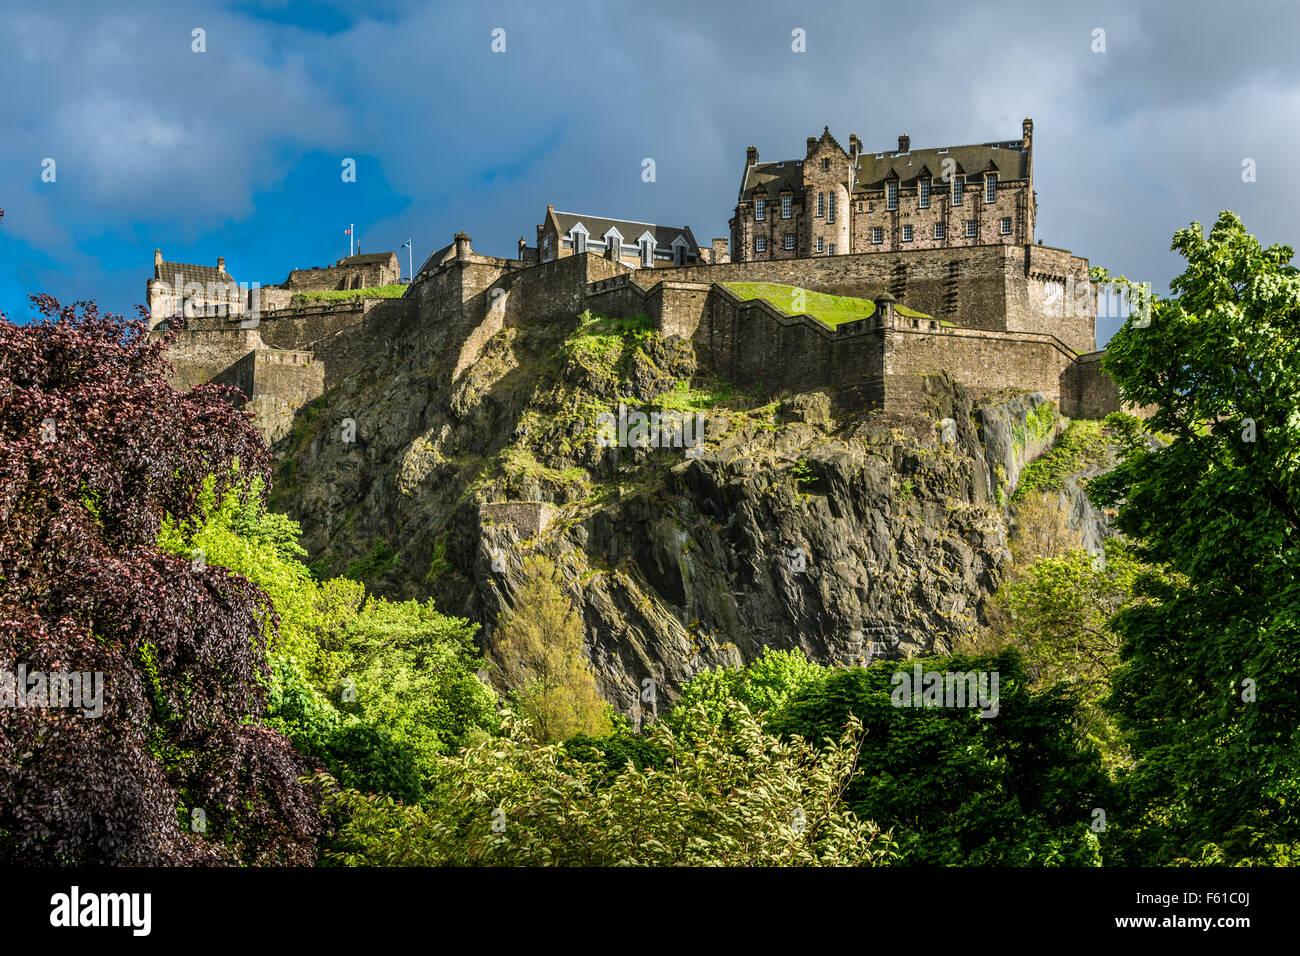 Les murs du château d'Edimbourg, Ecosse Photo Stock